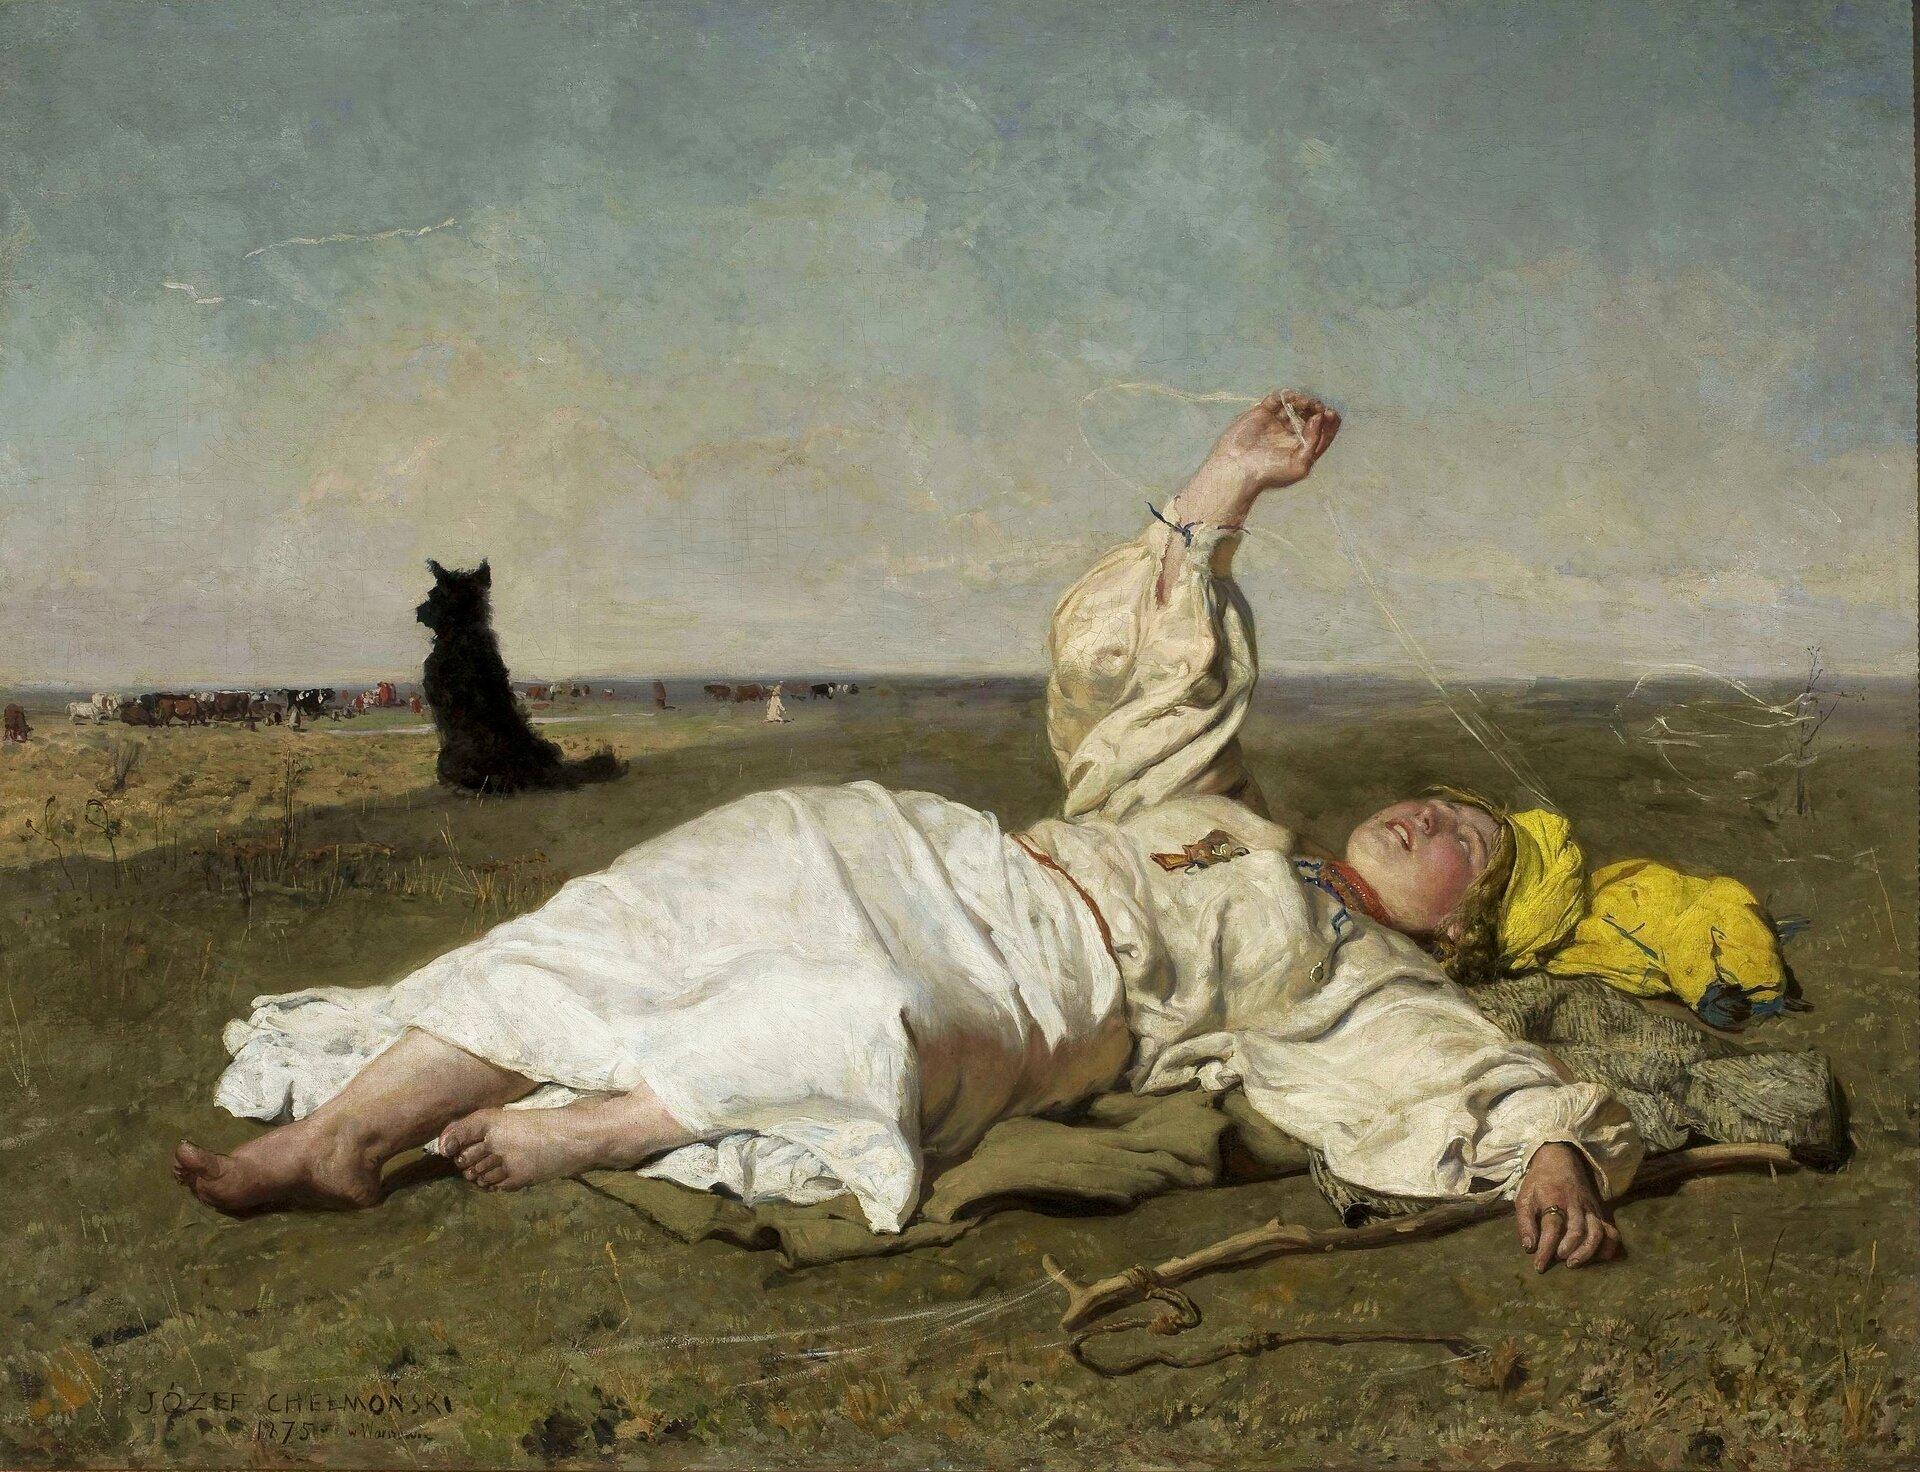 """ilustracja przedstawia obraz Józefa Chełmońskiego """"Babie lato"""". Na otwartym polu leży młoda pasterka, która wyciągniętą dłonią chwyta nić babiego lata. Obok niej leży sękaty kij zprzywiązanym rzemieniem. Kobieta ubrana jest wbiałą, długą spódnicę, żółtawą bluzkę ijaskrawo żółtą chustę. Stopy kobiety są brudne. Po lewej stronie, woddali, siedzi czarny pies. Jest zwrócony tyłem do kobiety ipatrzy na znajdujące się woddali bydło. Niebieskie niebo pokryte jest żółtawymi chmurami."""